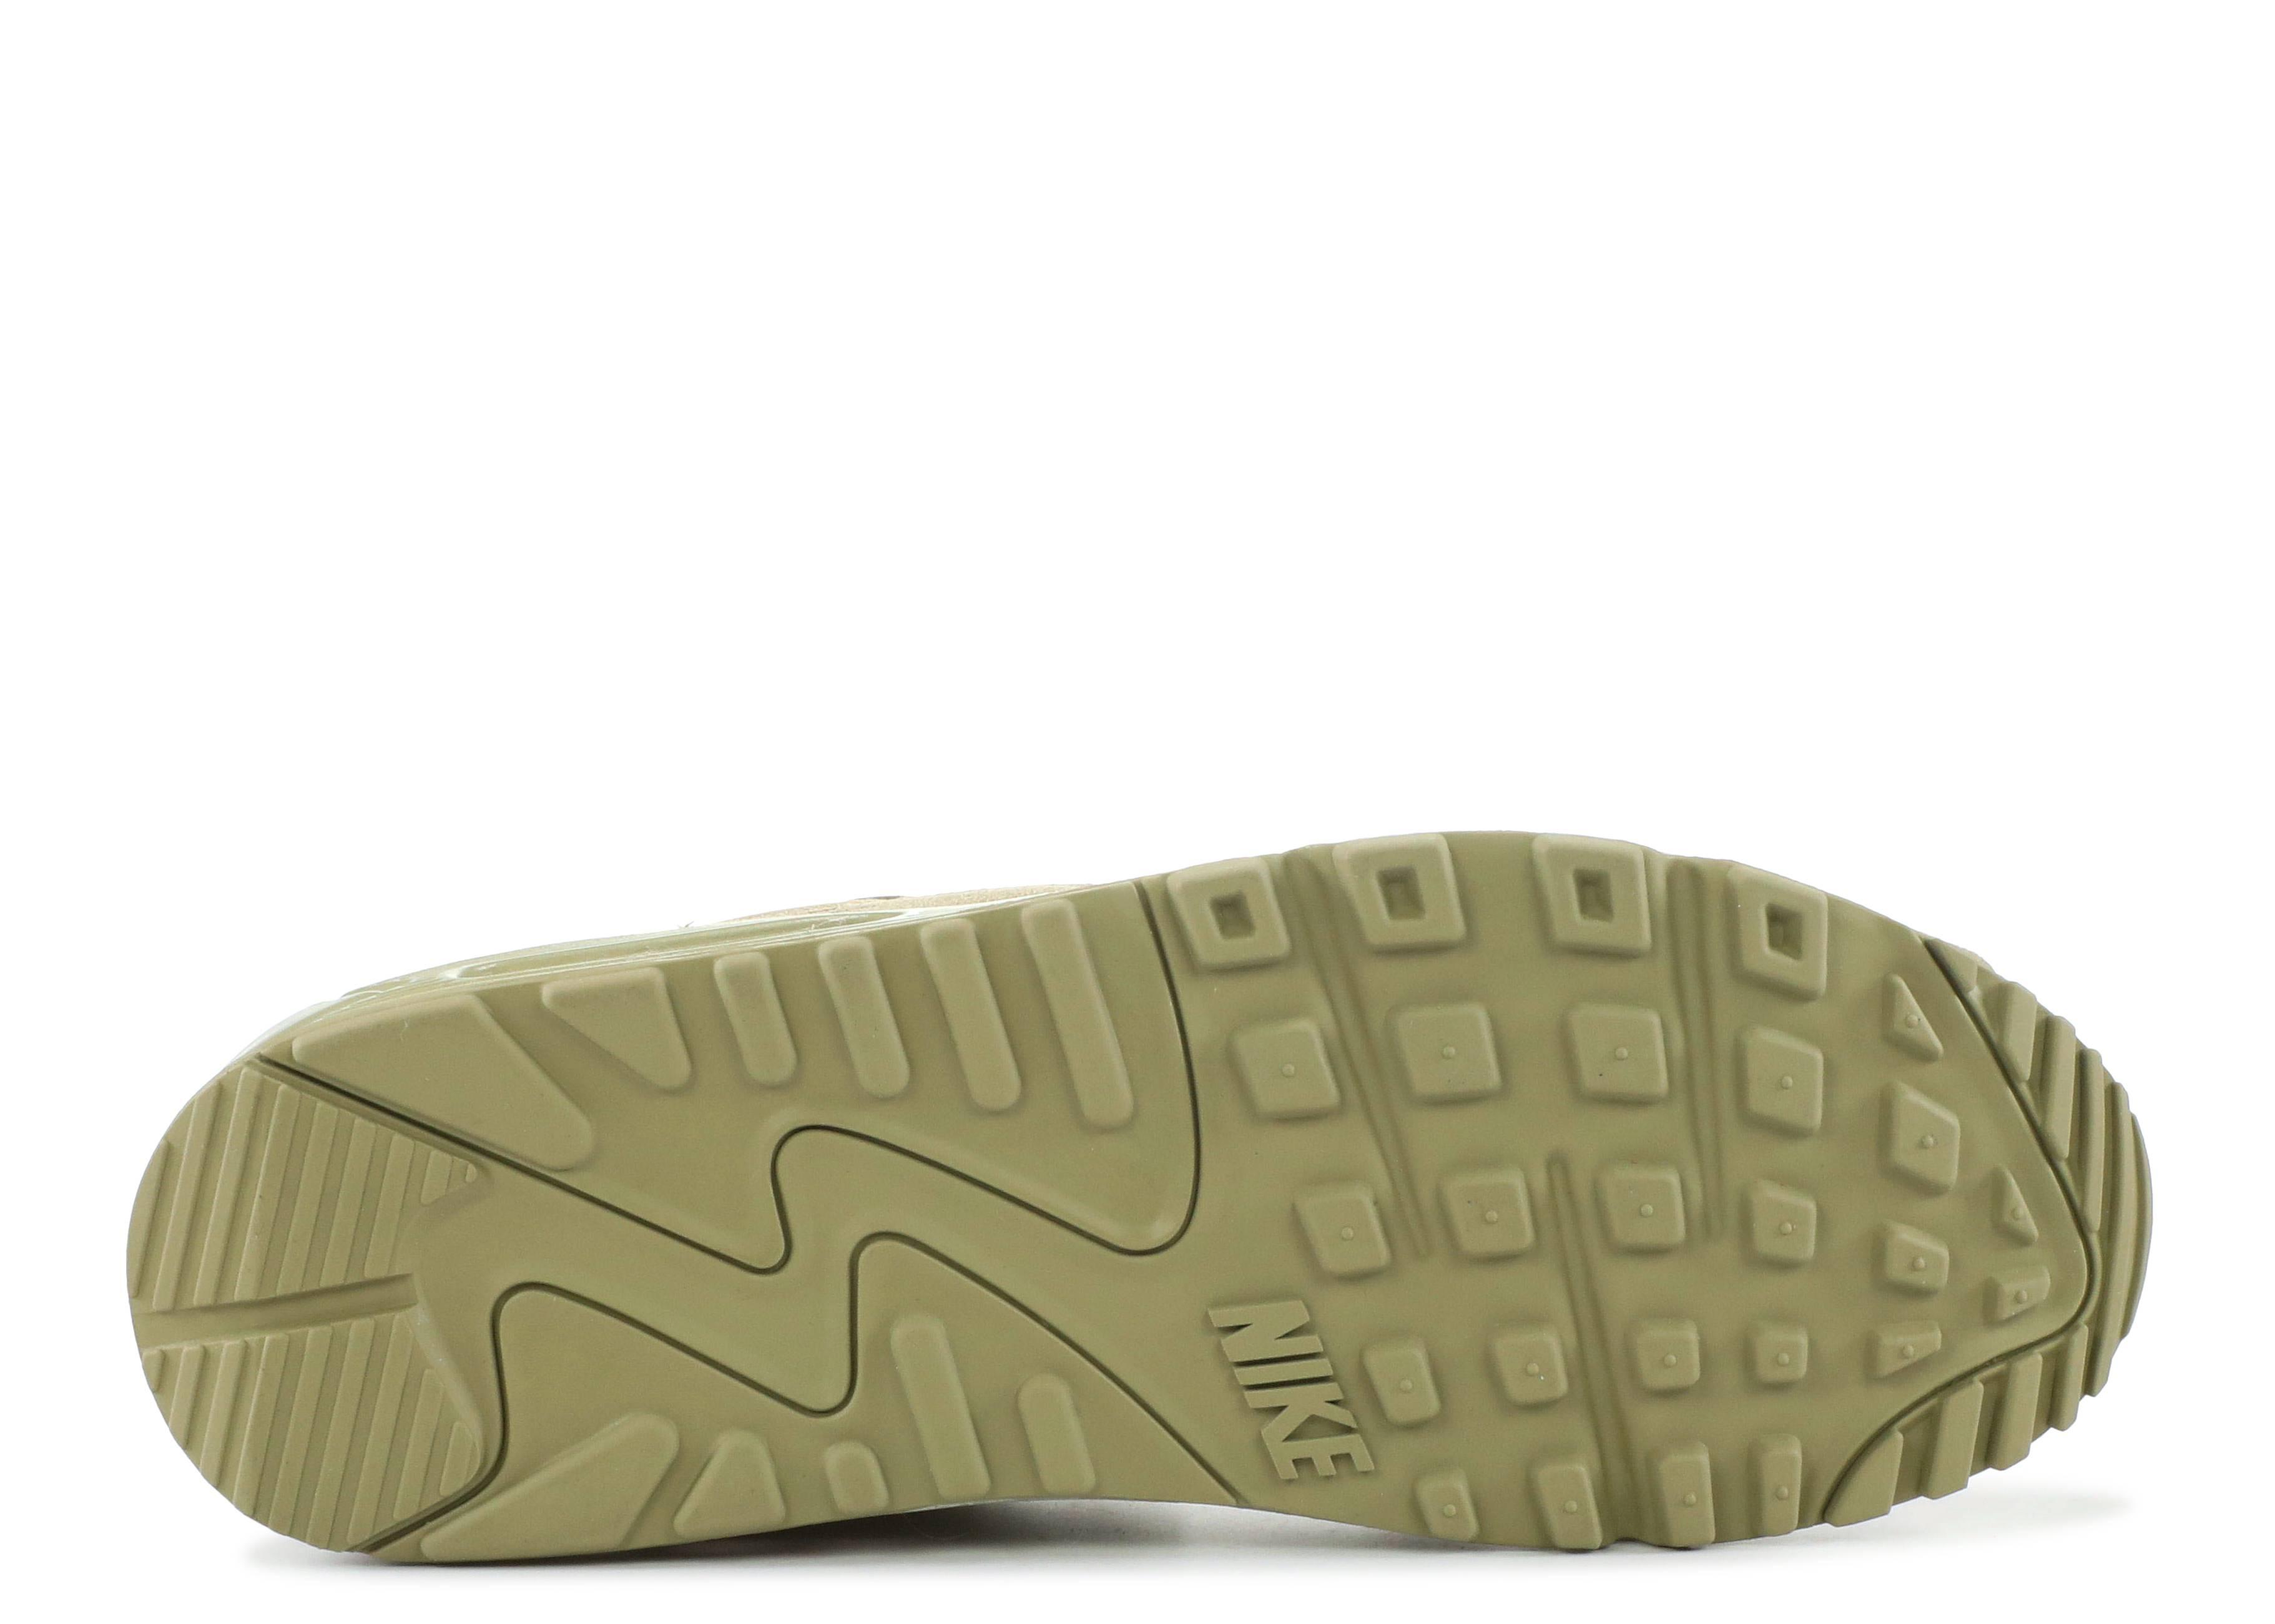 f29dbe7d117 Nike Air Max 90 Premium